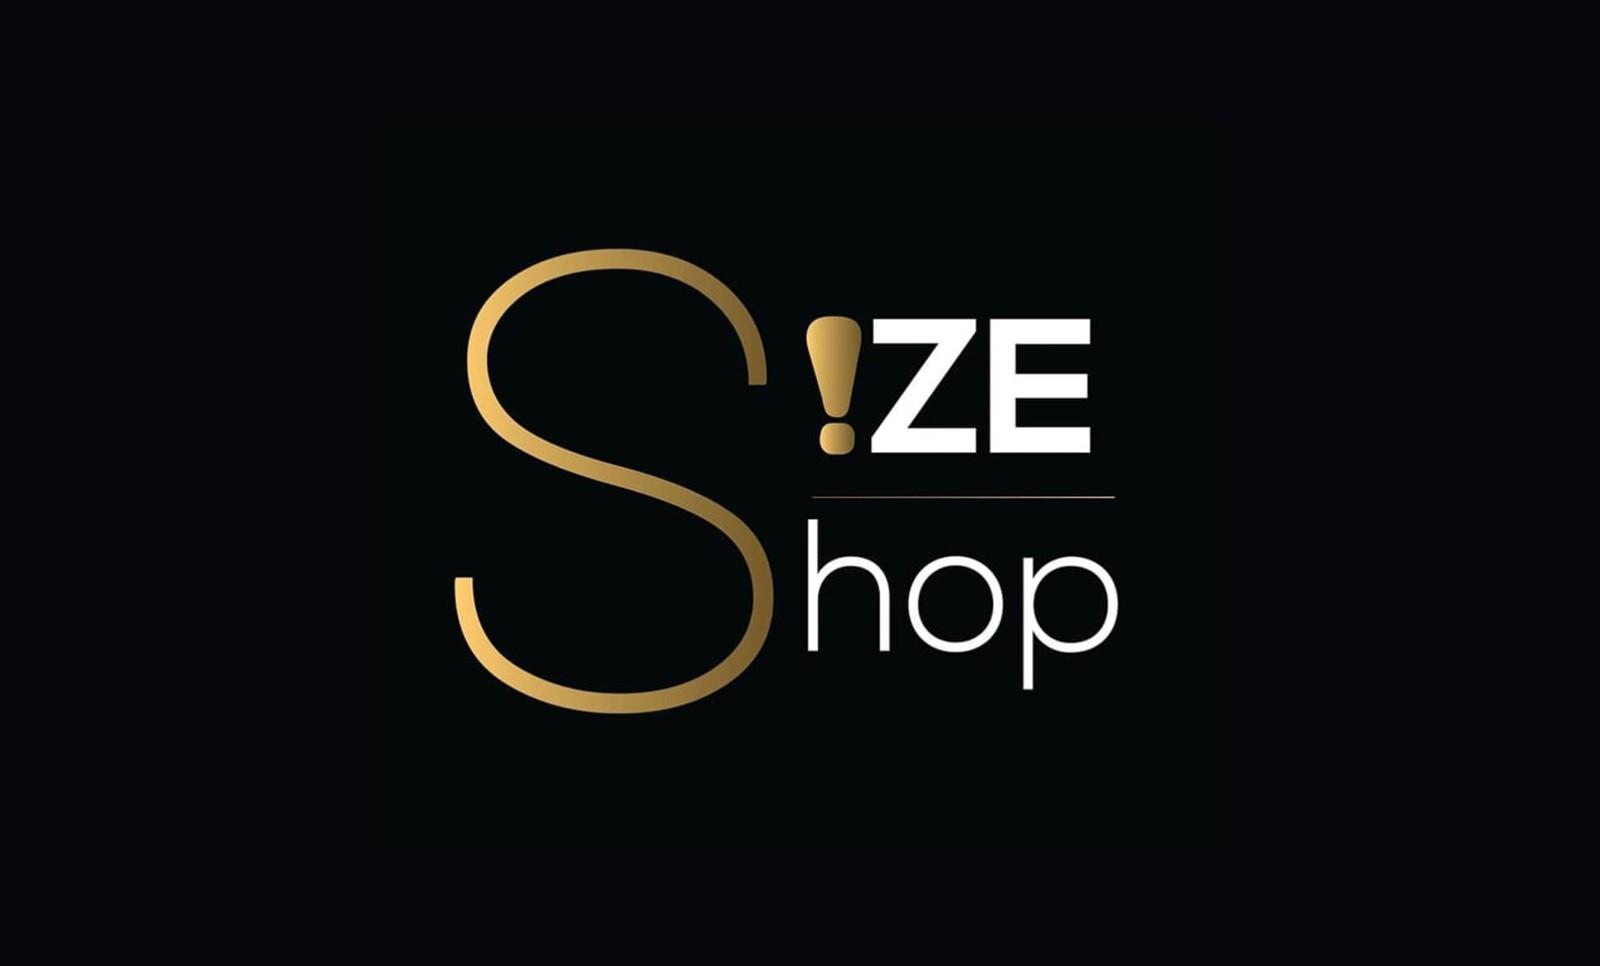 logo-size-shop